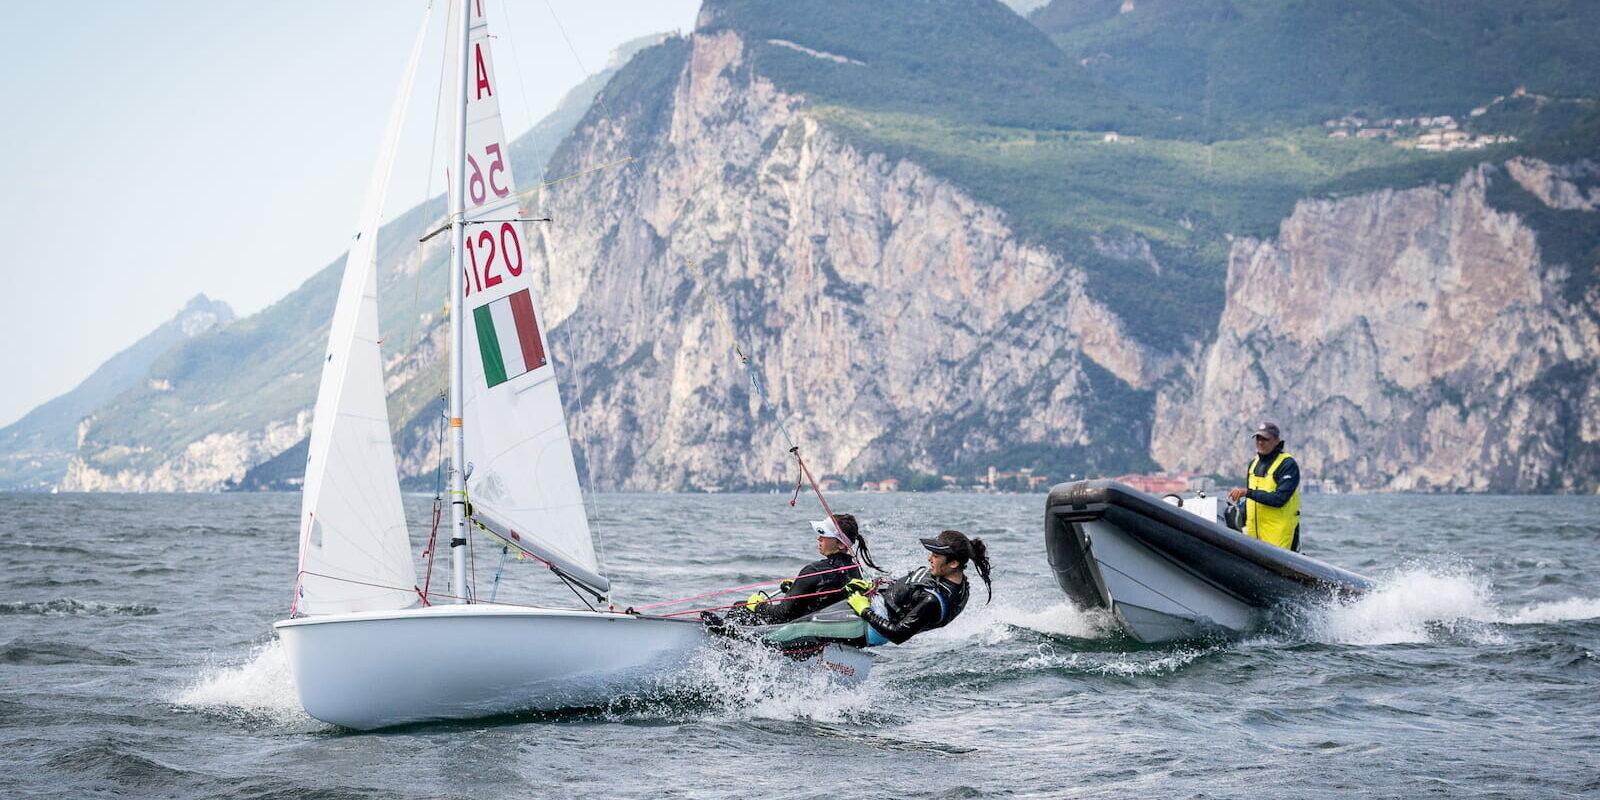 Allenamento 420 Fraglia Vela Malcesine Lago di Garda